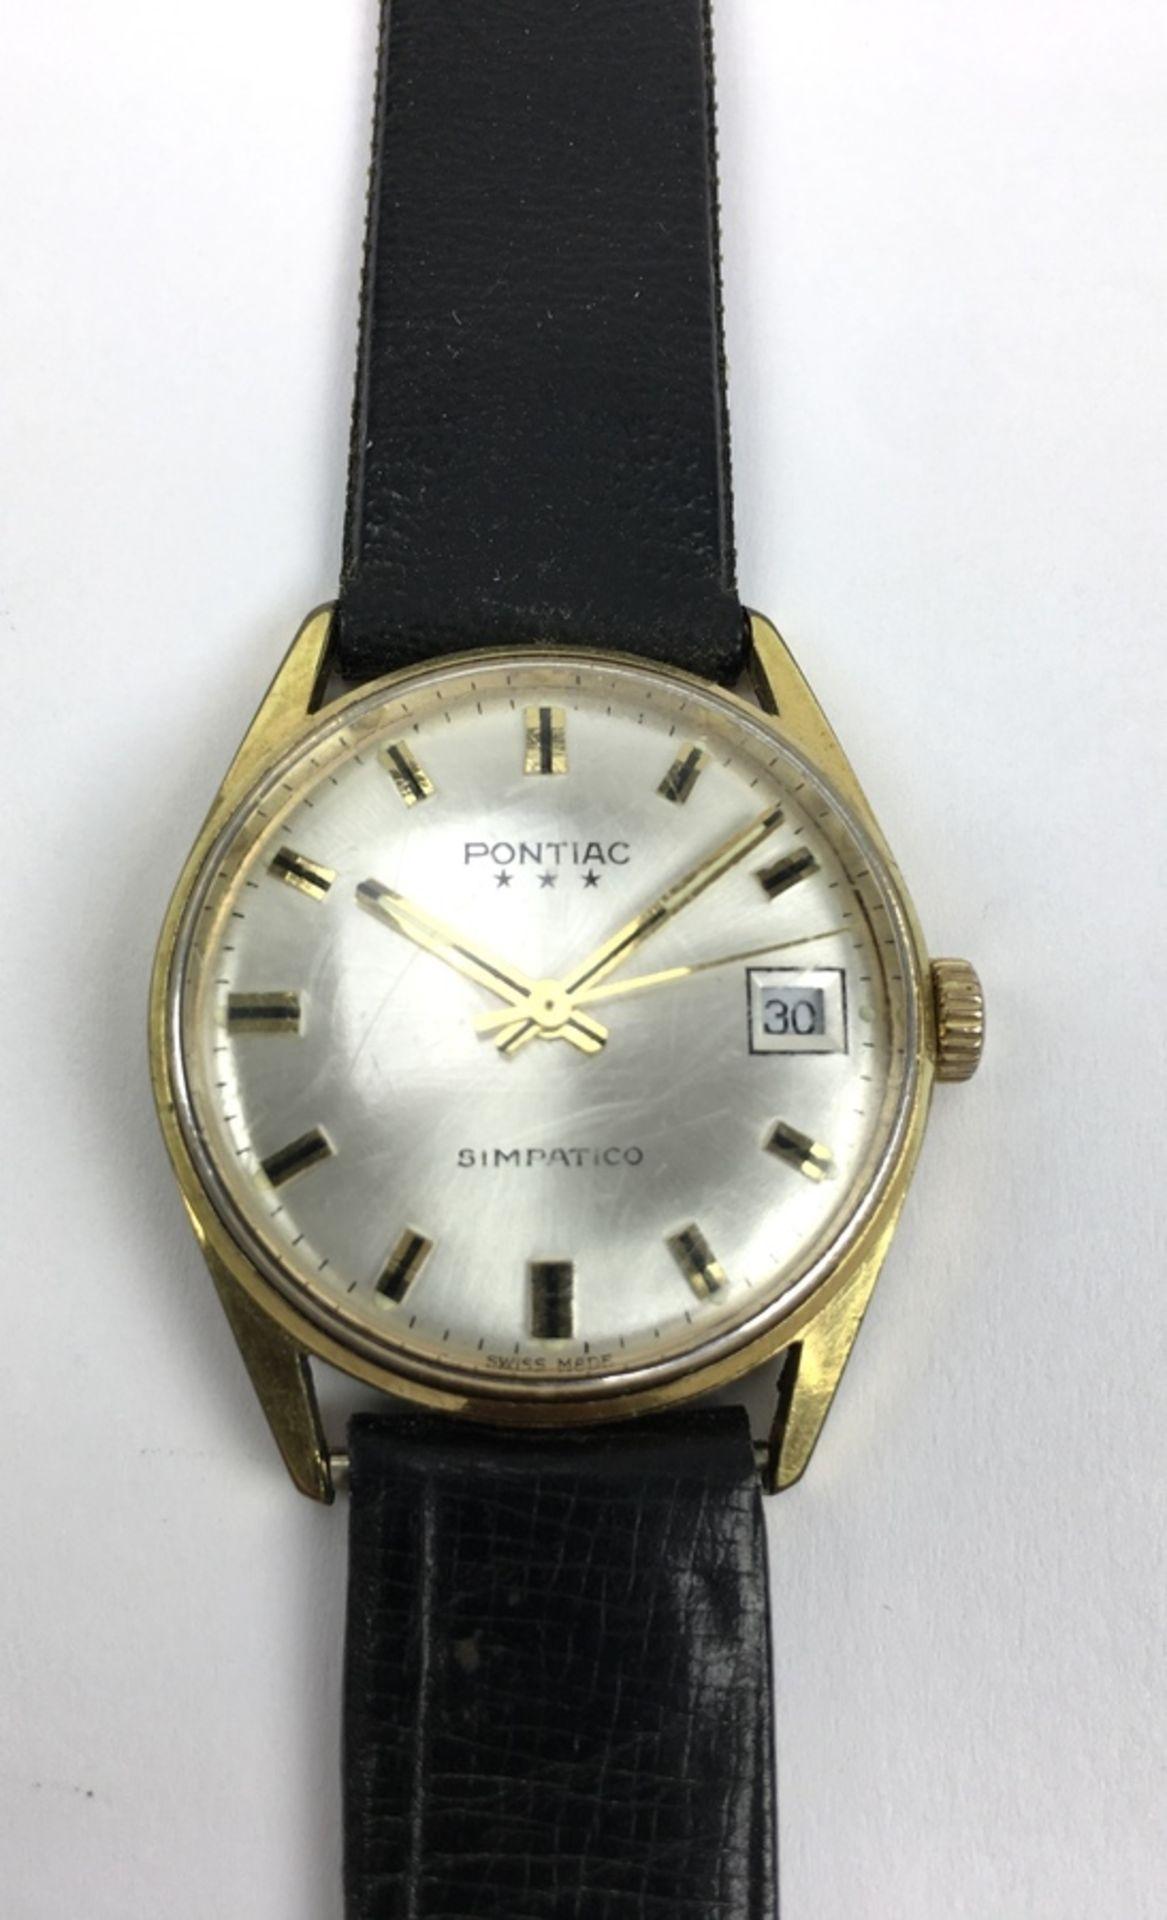 (Sieraden) Horloge PontiacVintage heren horloge Pontiac Simpatico. Conditie: In werkende staat. - Image 2 of 3